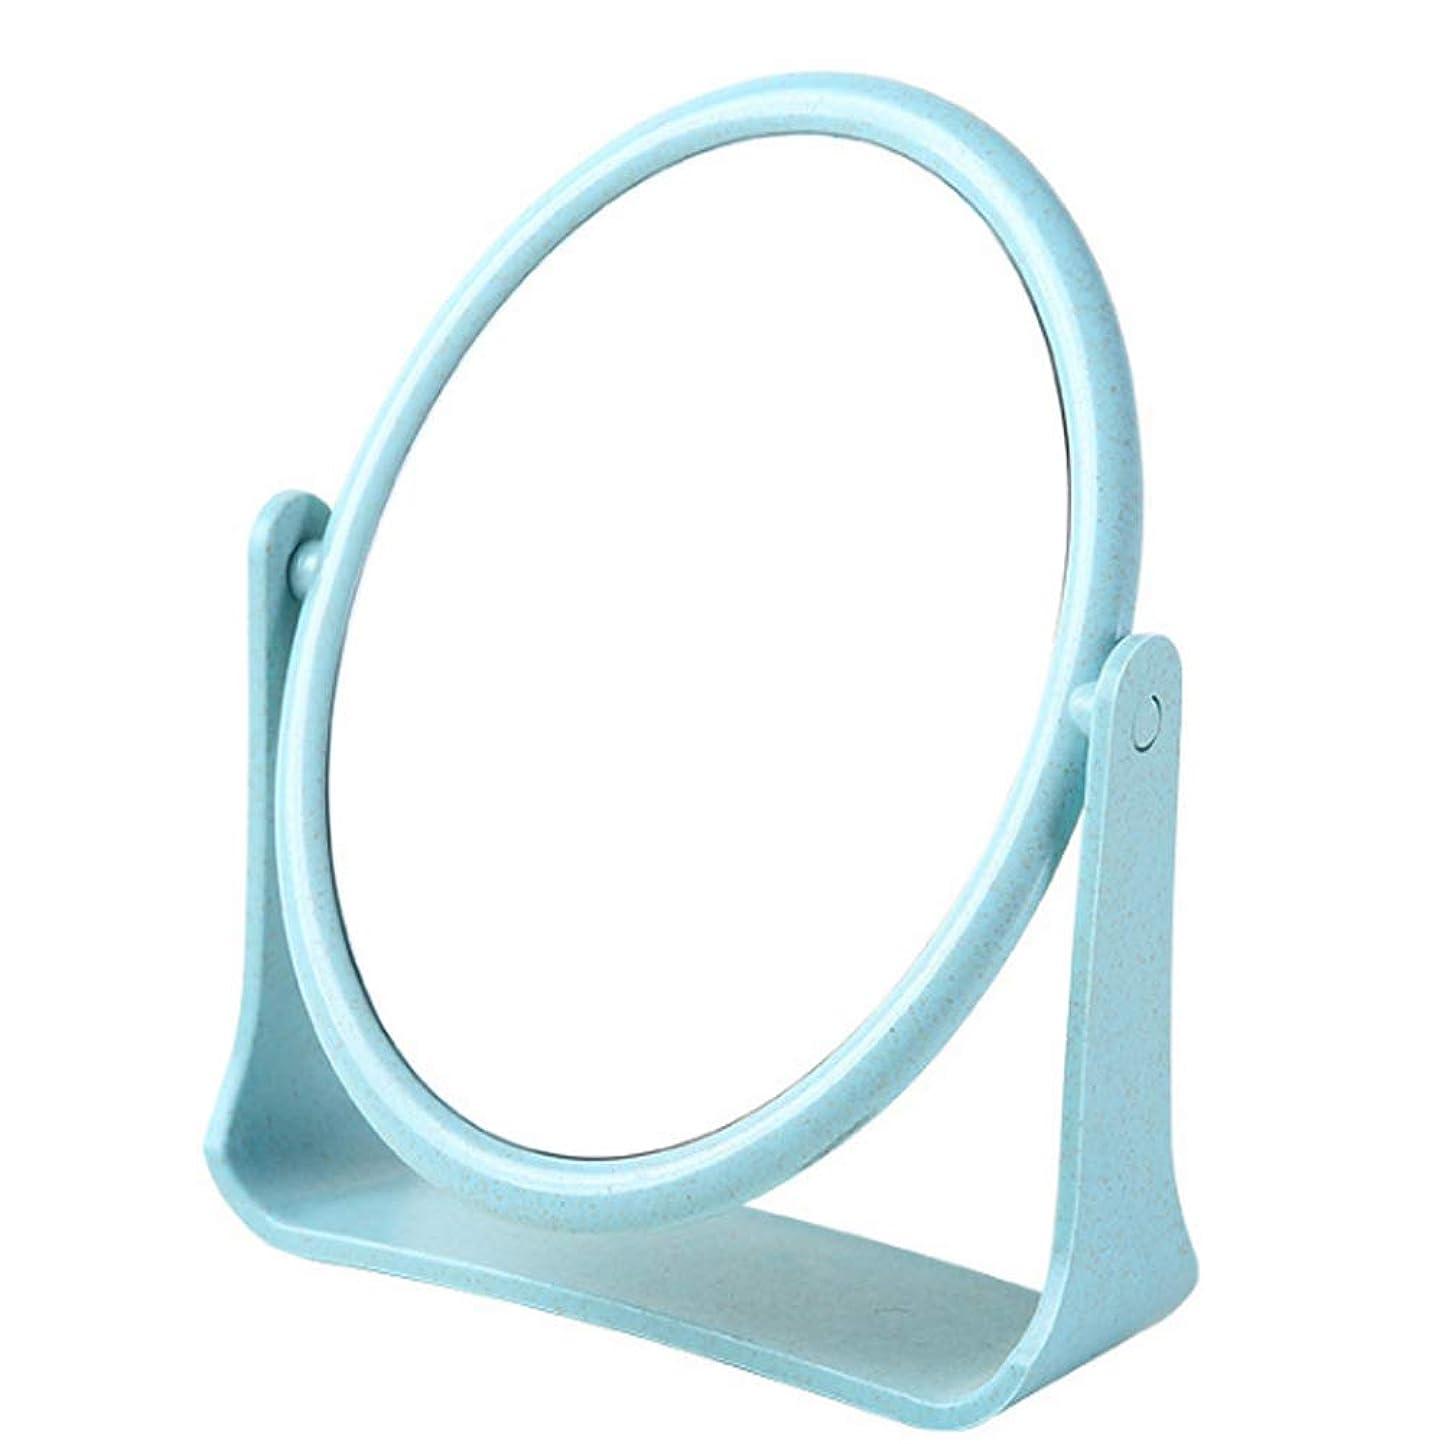 床撃退するに賛成化粧鏡 360度回転 スタンドミラー メイク両面鏡 ポータブル 多角度転換可能円形のカウンタートップ (ブルー)